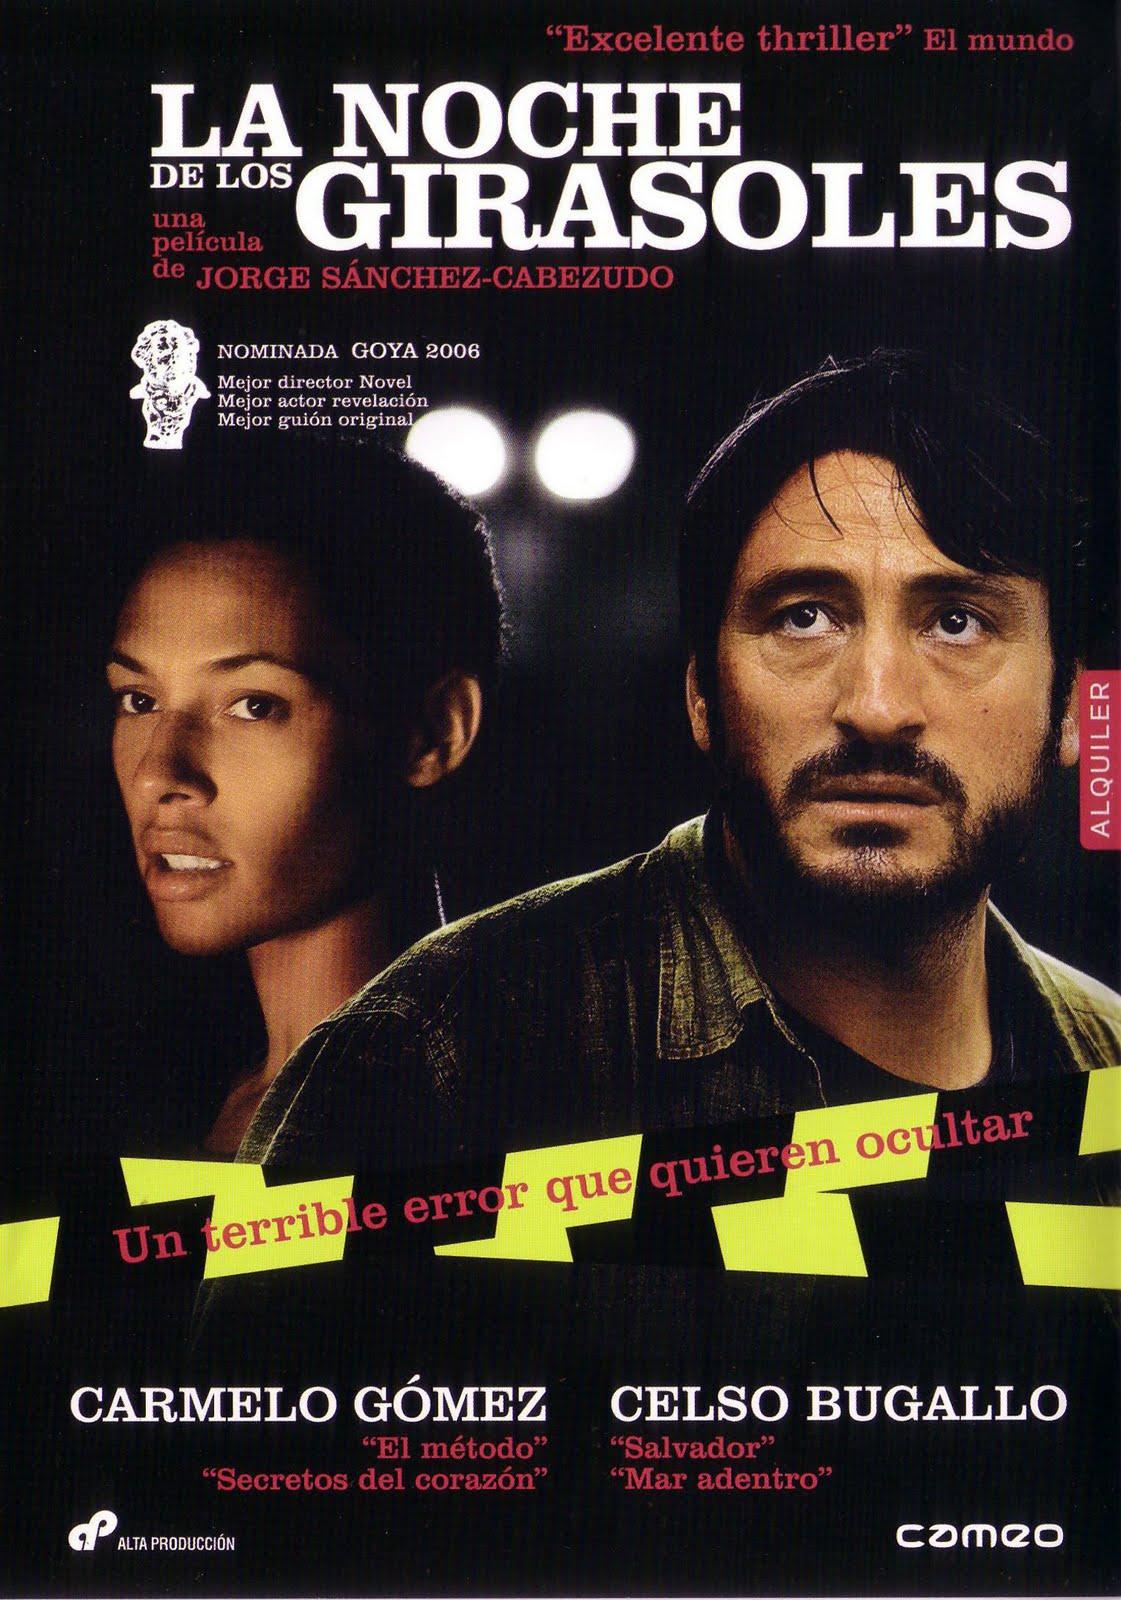 La noche de los girasoles: un buen thriller (en español)